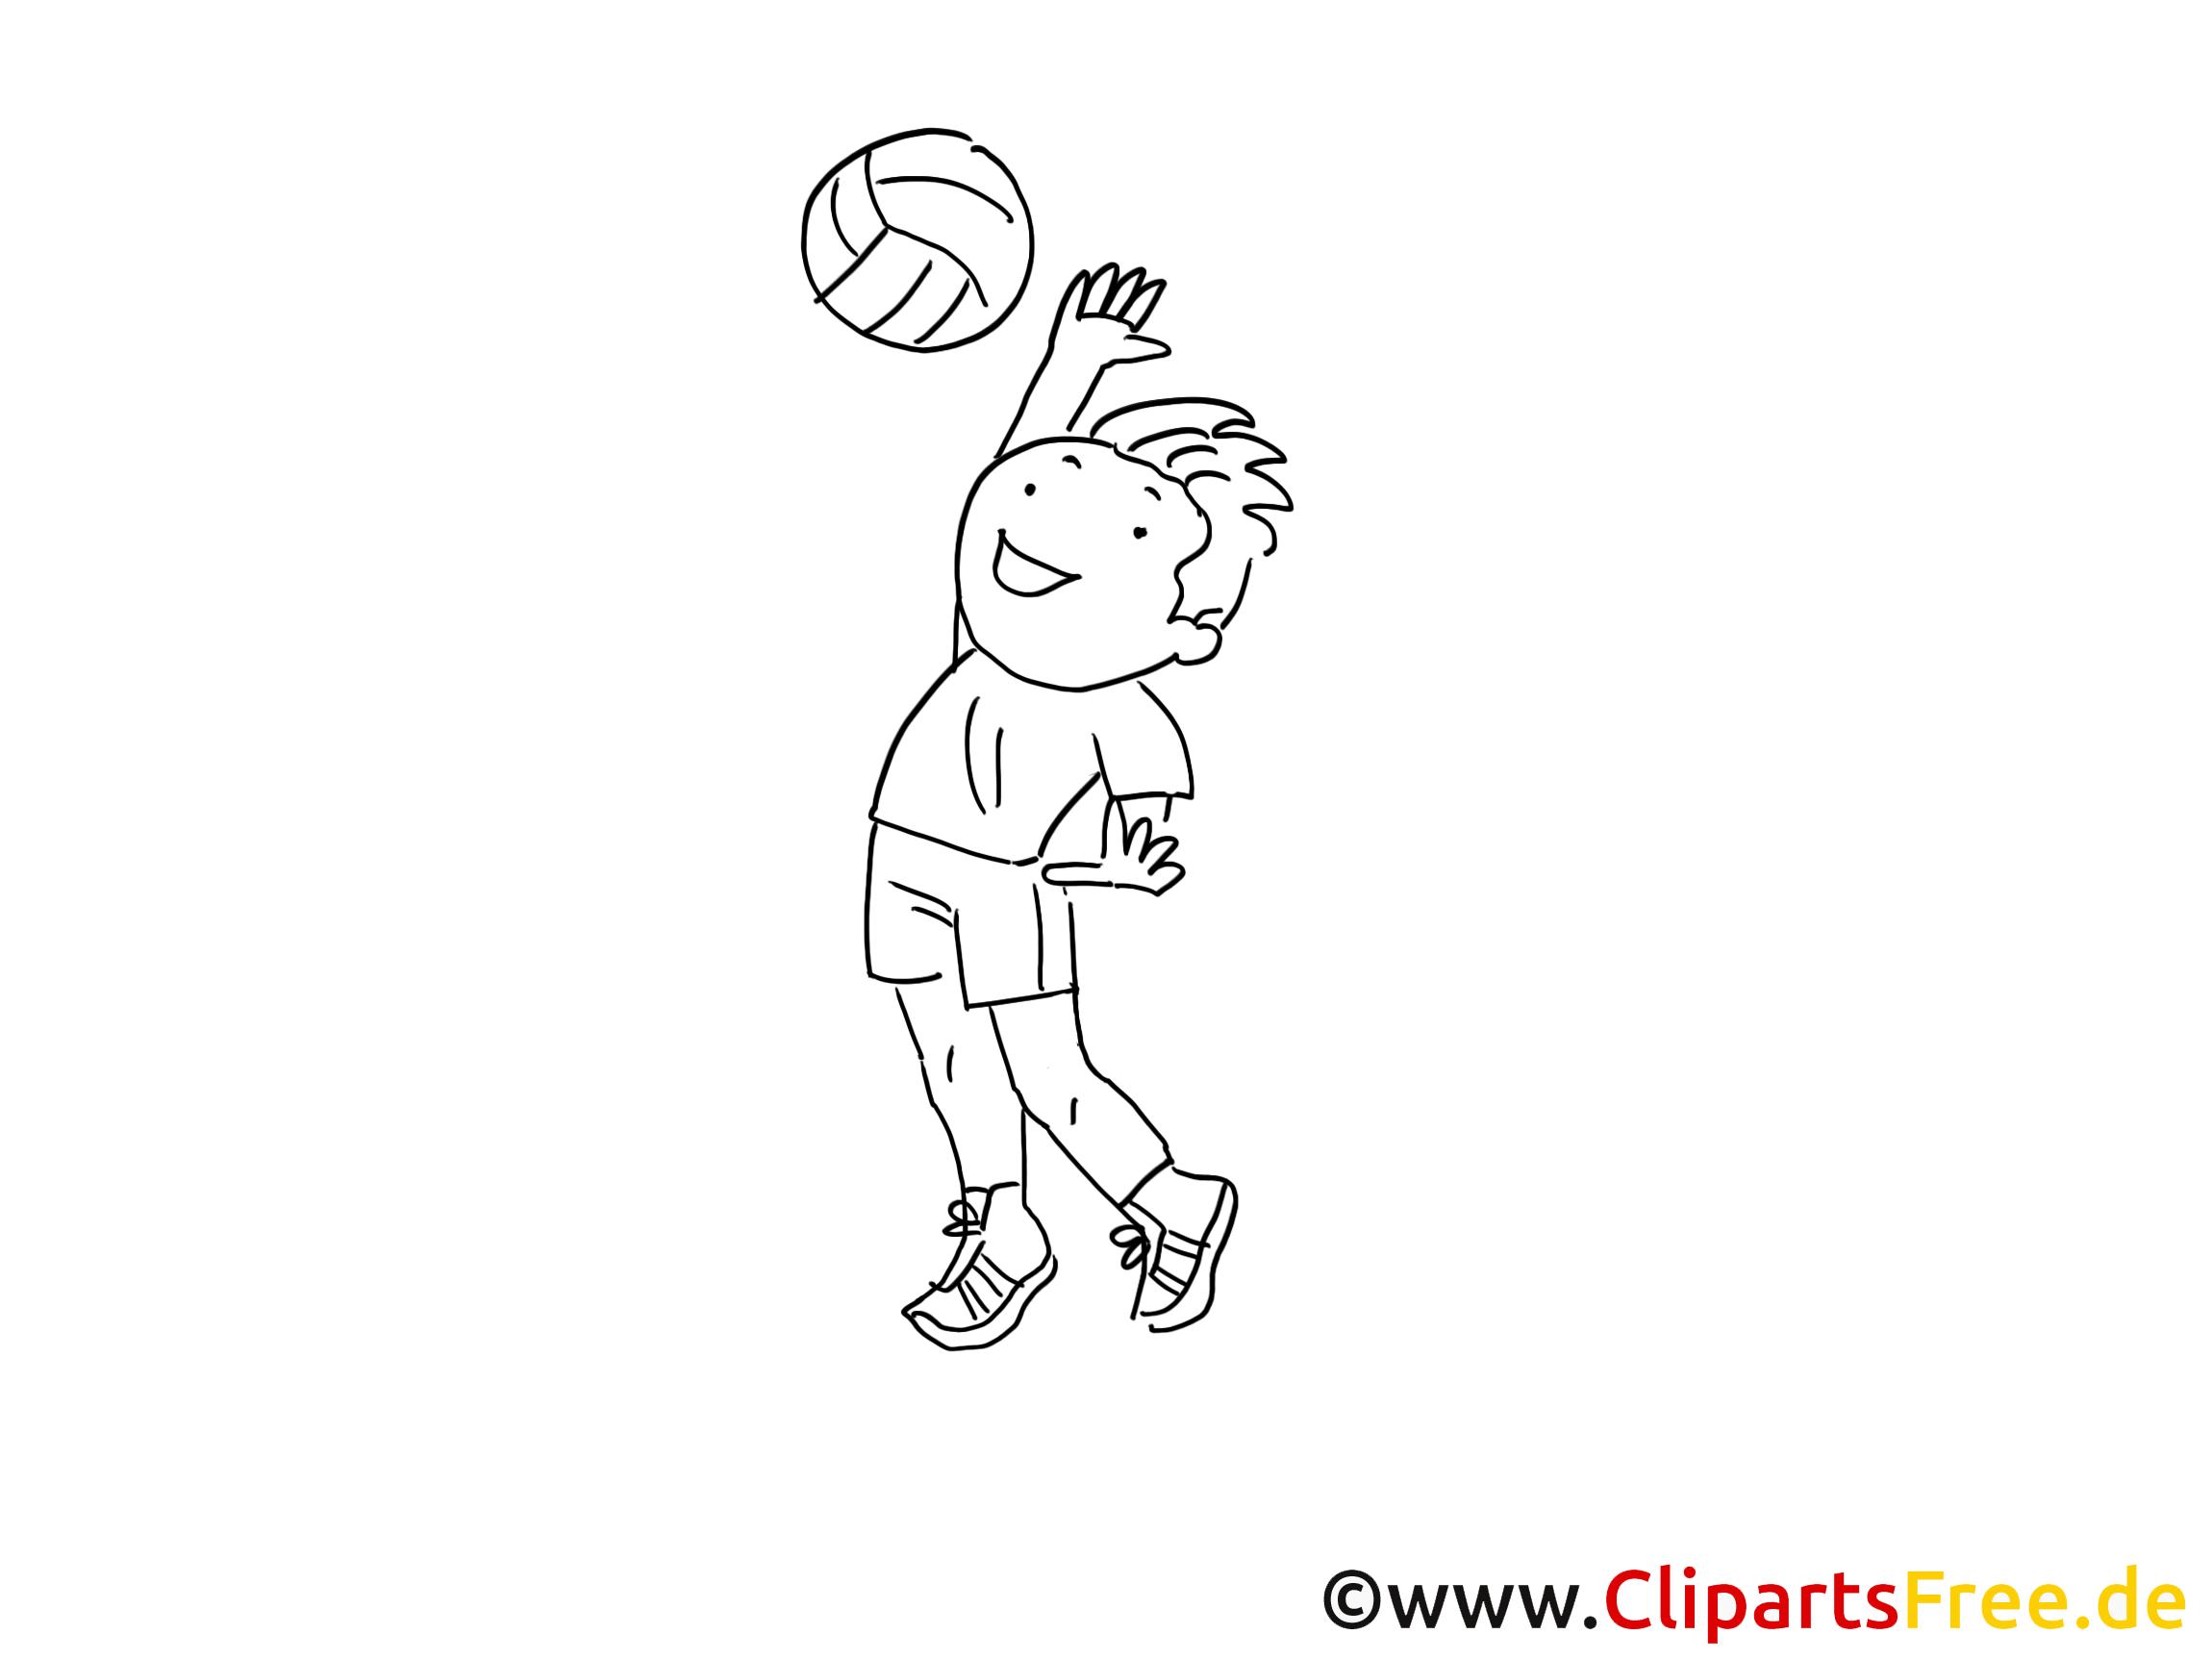 Volley-ball dessin – Coloriage sport à télécharger